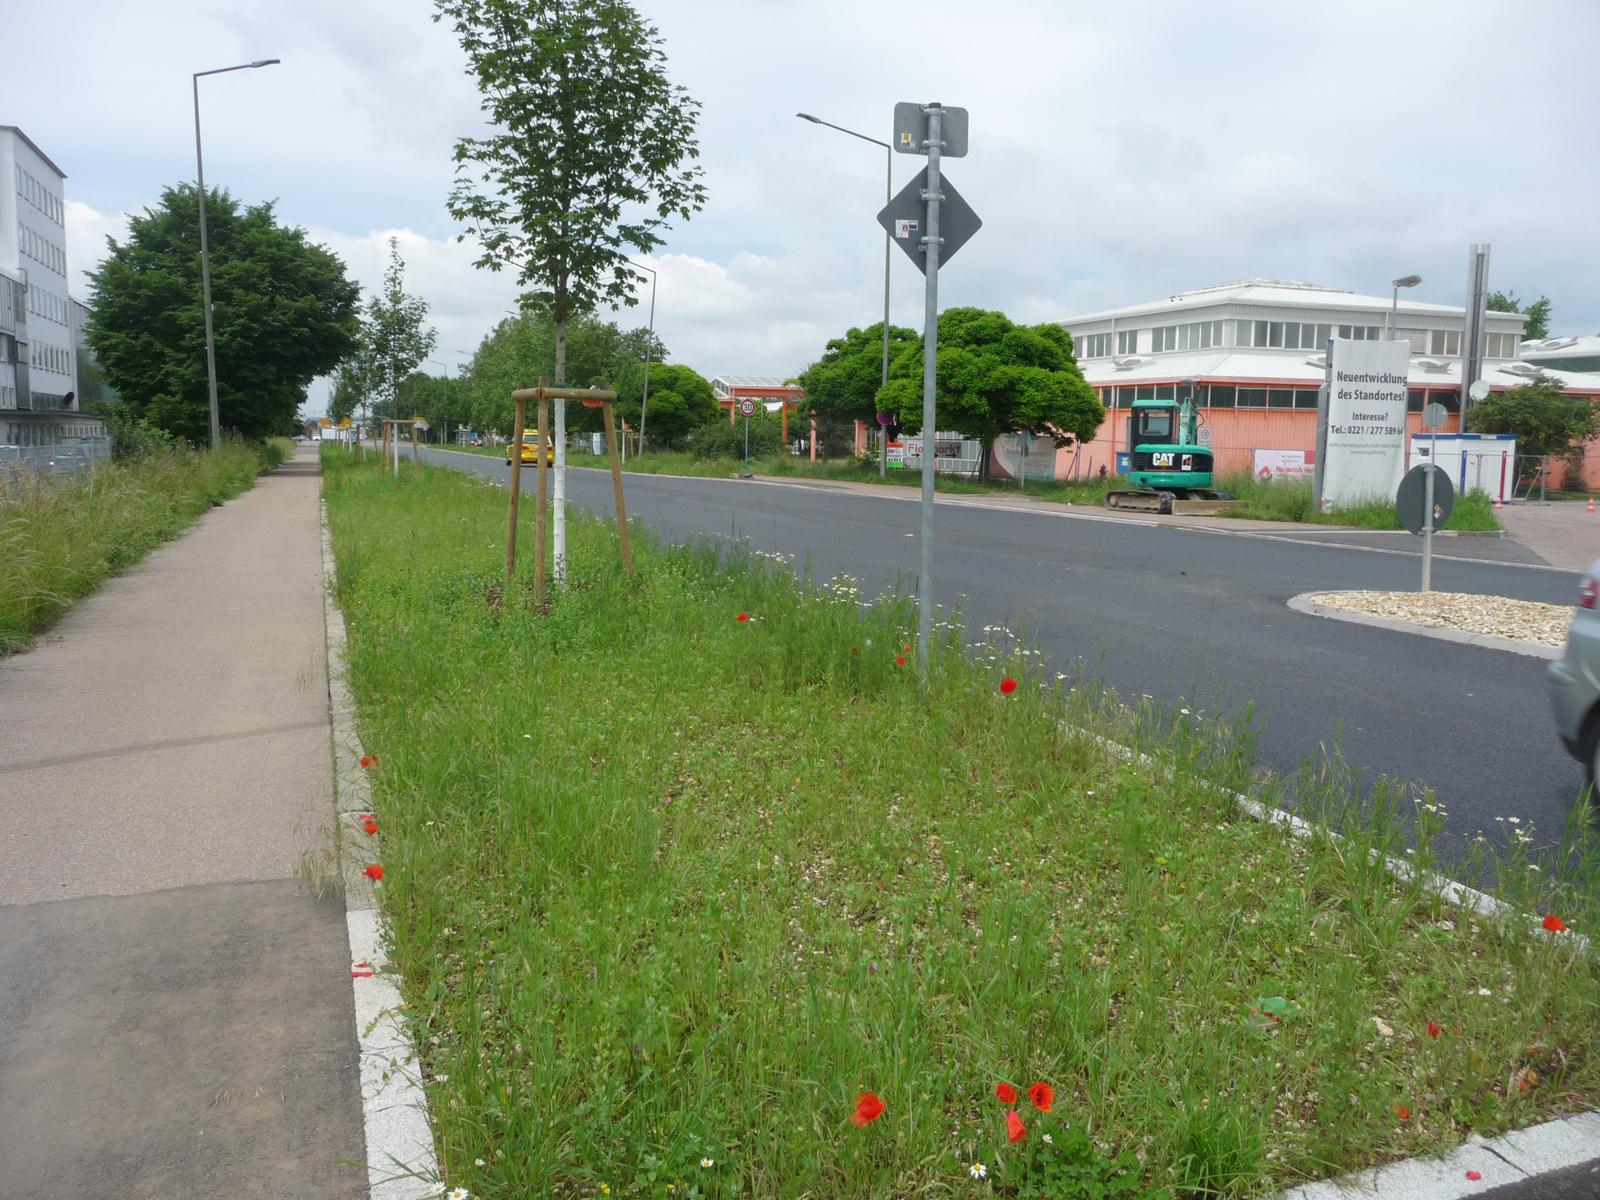 Extensive Verkehrsgrünflächen an der Stuttgarter Straße.  Angelegt: 2015/2016 im Zuge der Straßenausbaumaßnahme. Artenvielfalt: Nektarquelle für Hummeln und Wildbienen